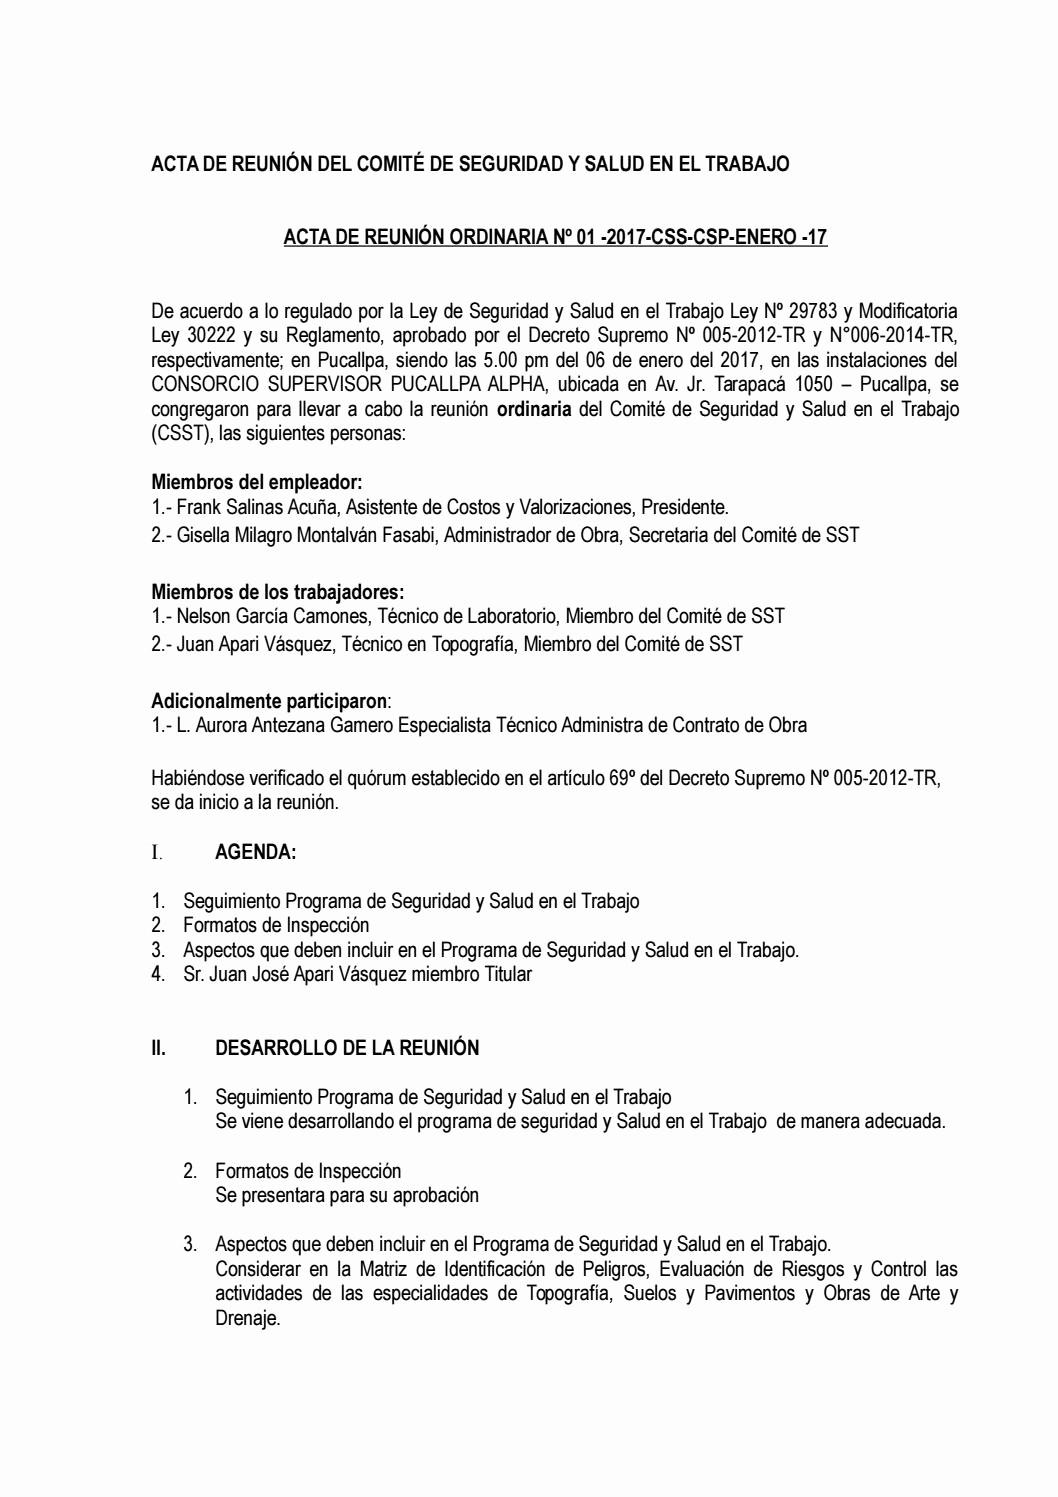 Formatos Para Actas De Reuniones Fresh Acta De Reunión ordinaria N°01 2017 Csst Csp Enero 2017 by